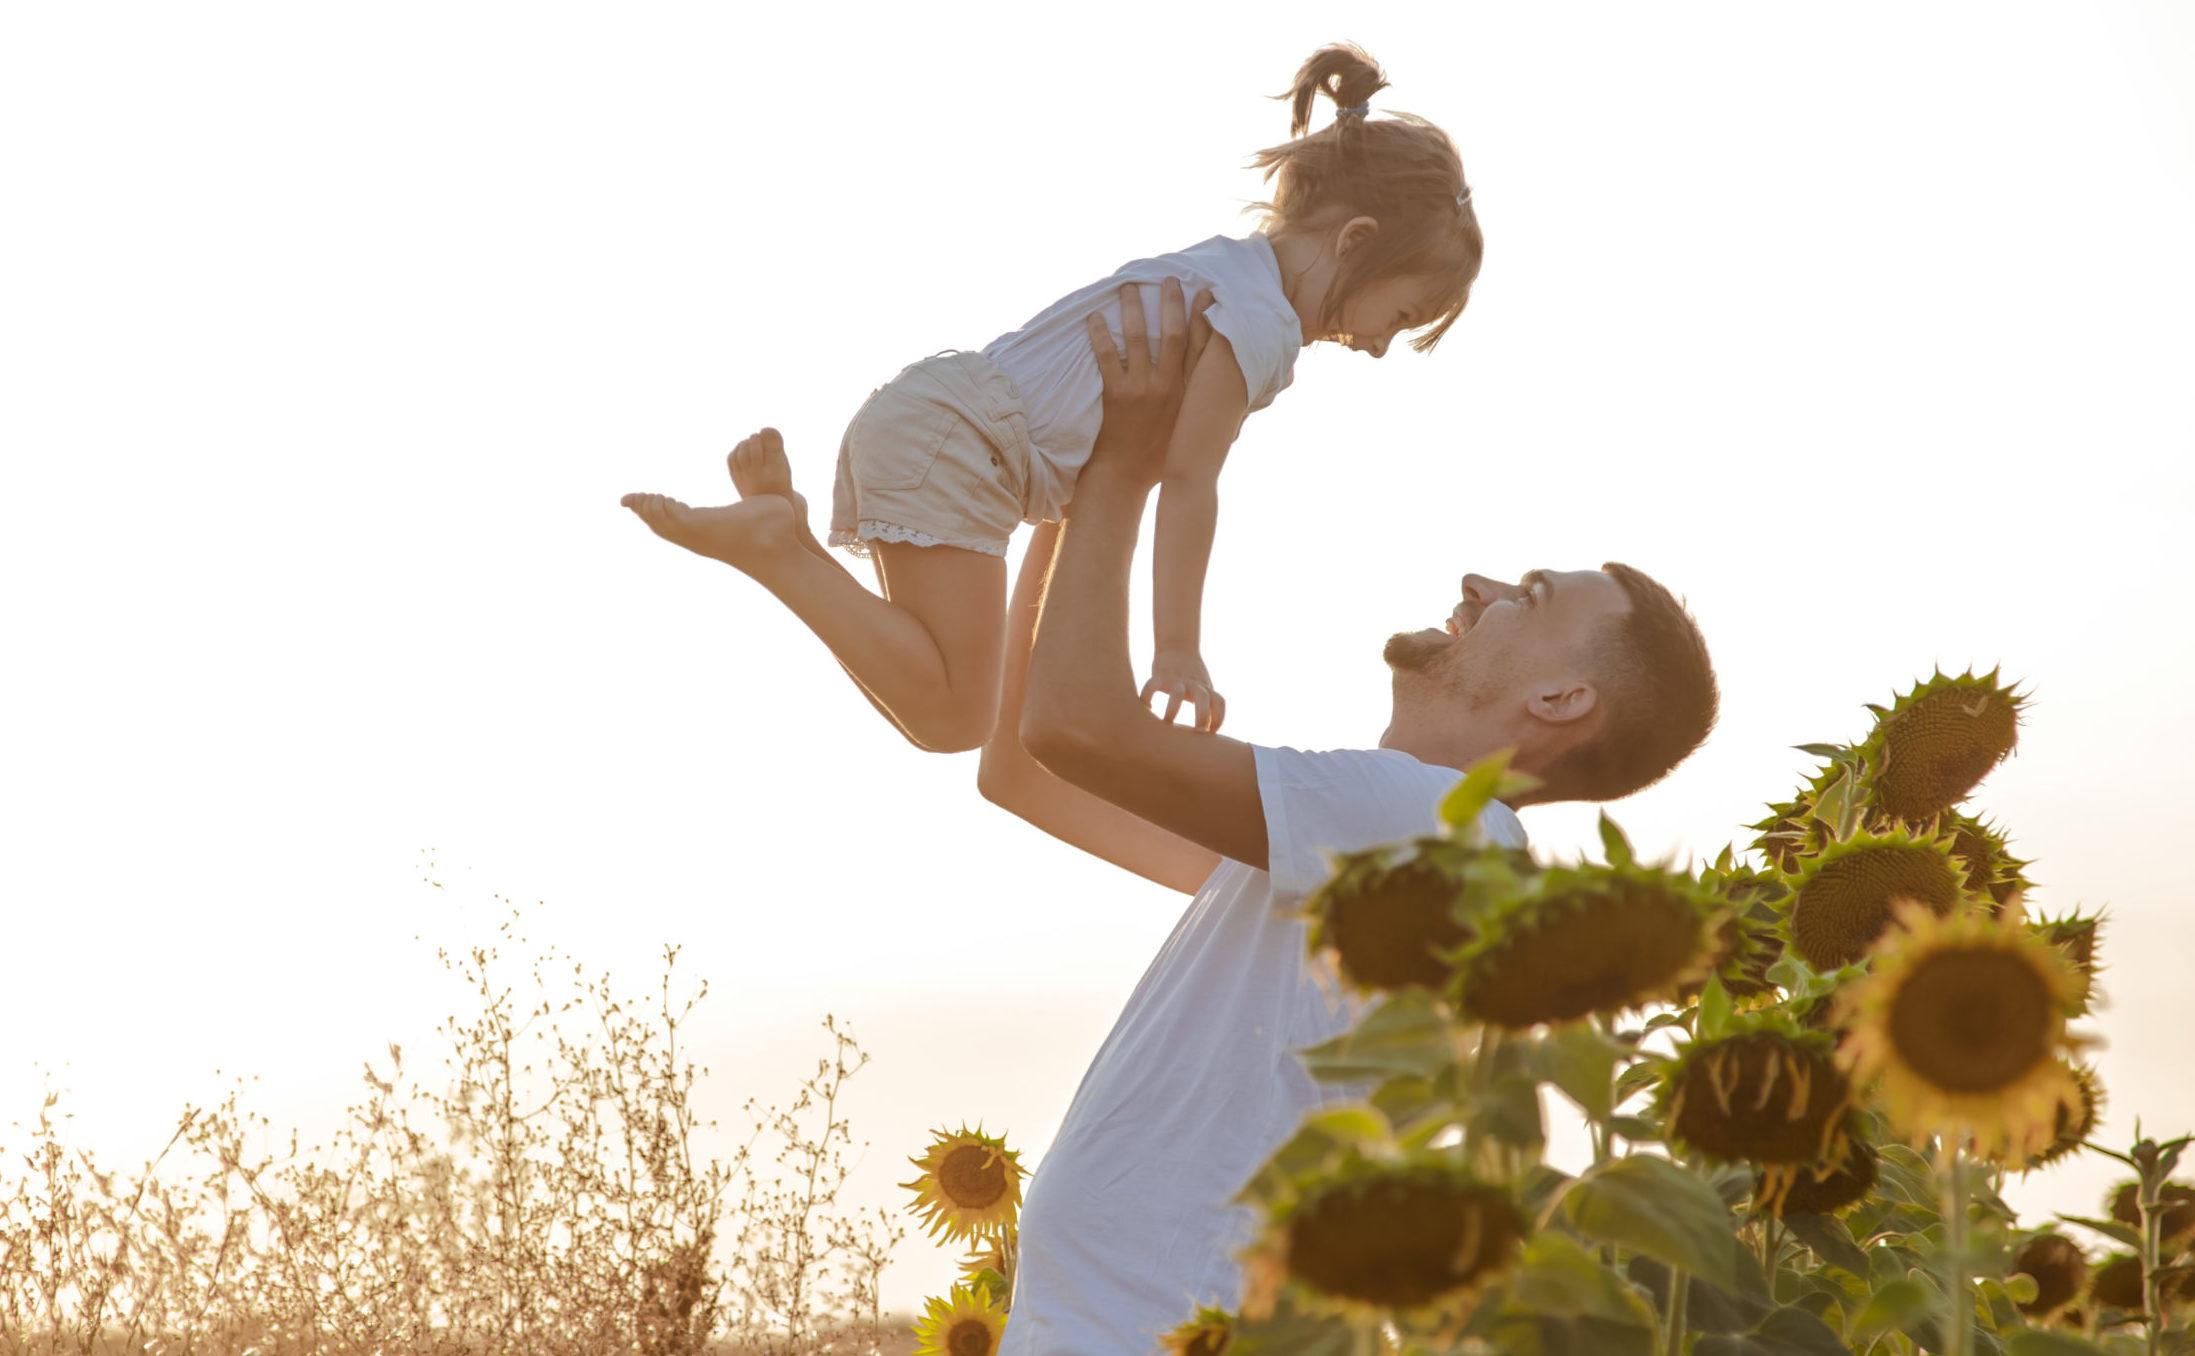 Estilos de vida sustentables; padre jugando con niña